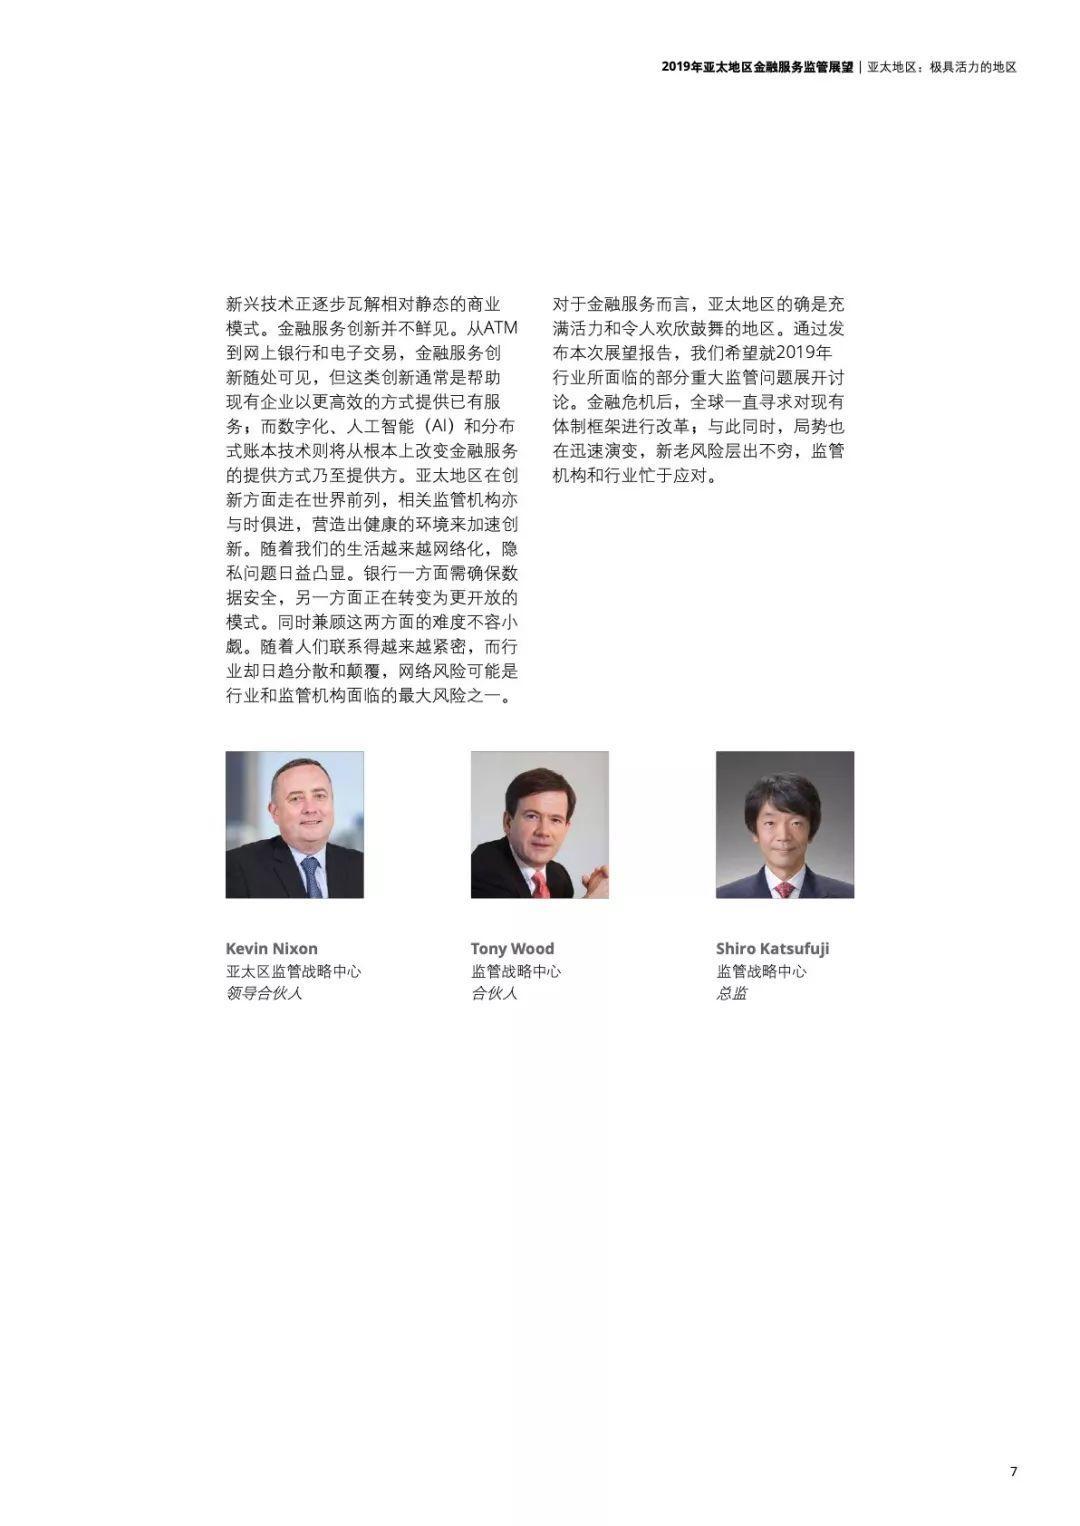 德勤:2019年亚太地区金融服务监管展望——信任、科技和变革